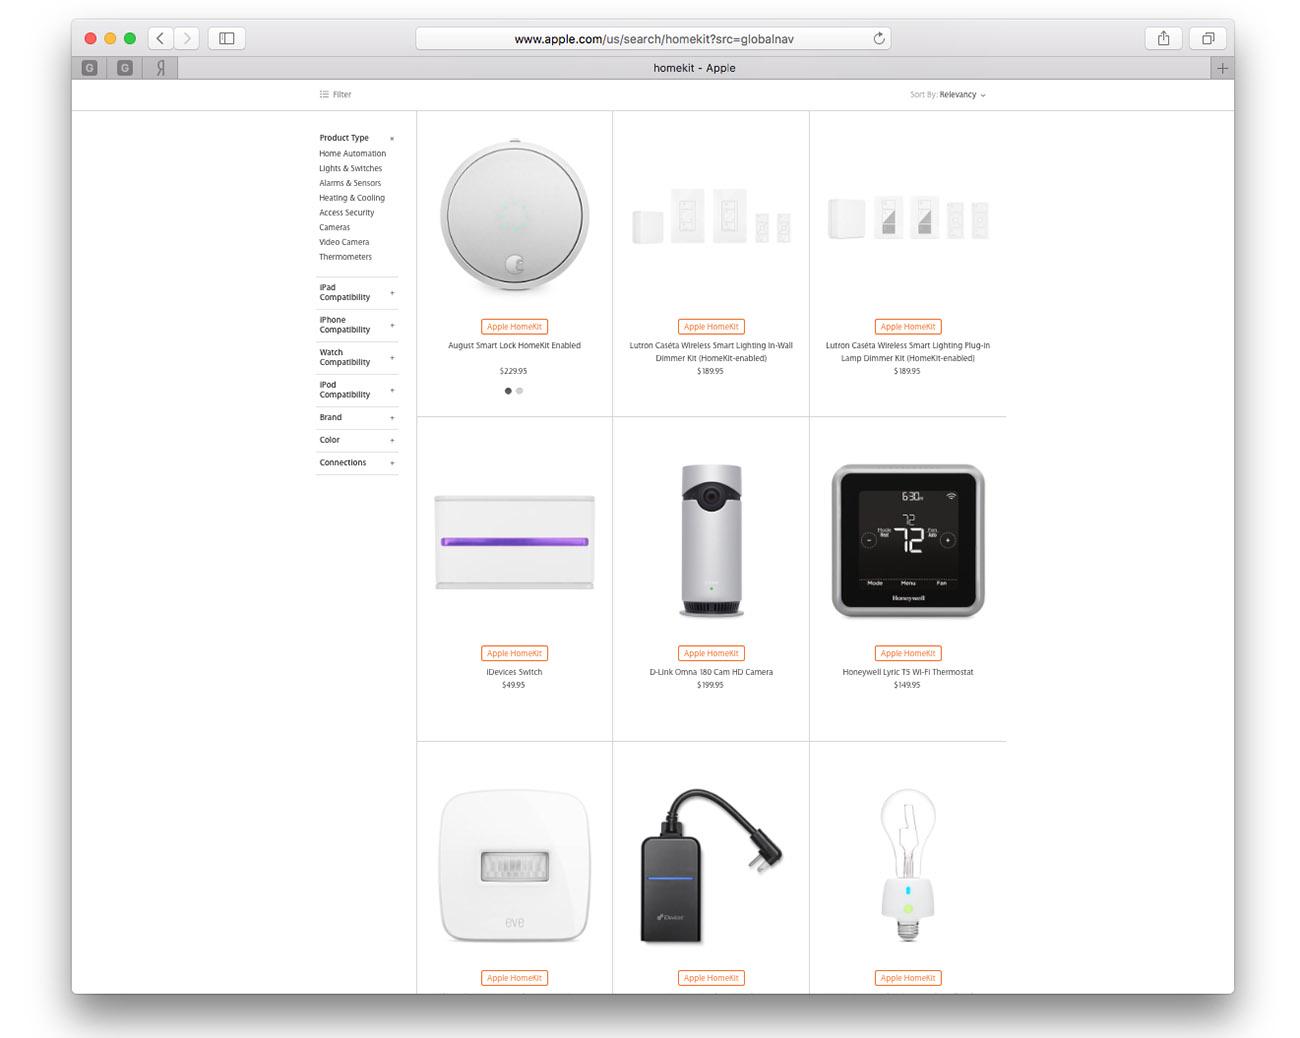 Как выглядит страничка Apple Homekit на американском сайте